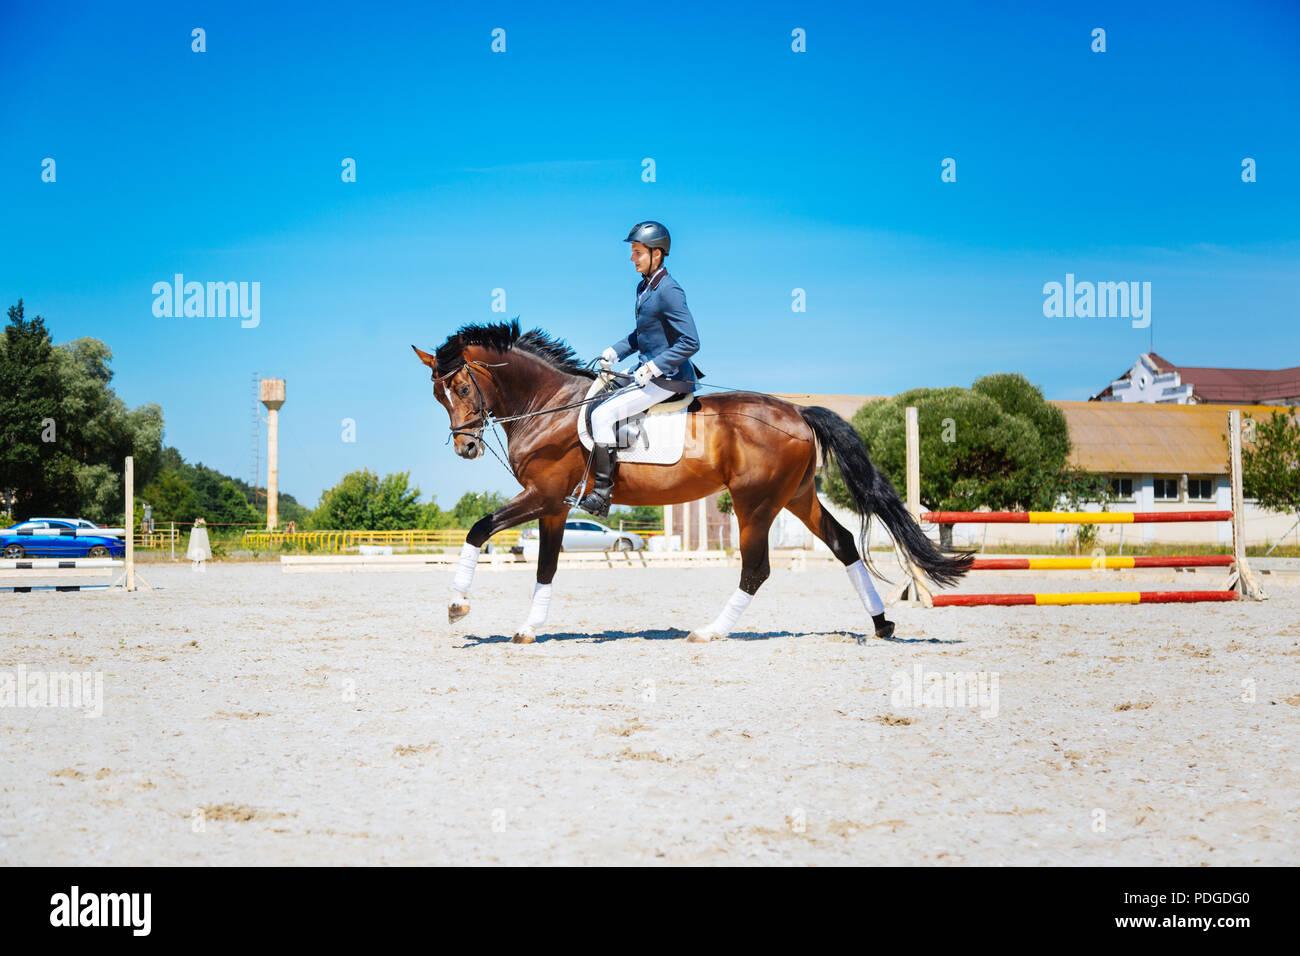 Equestre promettenti in sella al suo cavallo marrone molto veloce Immagini Stock